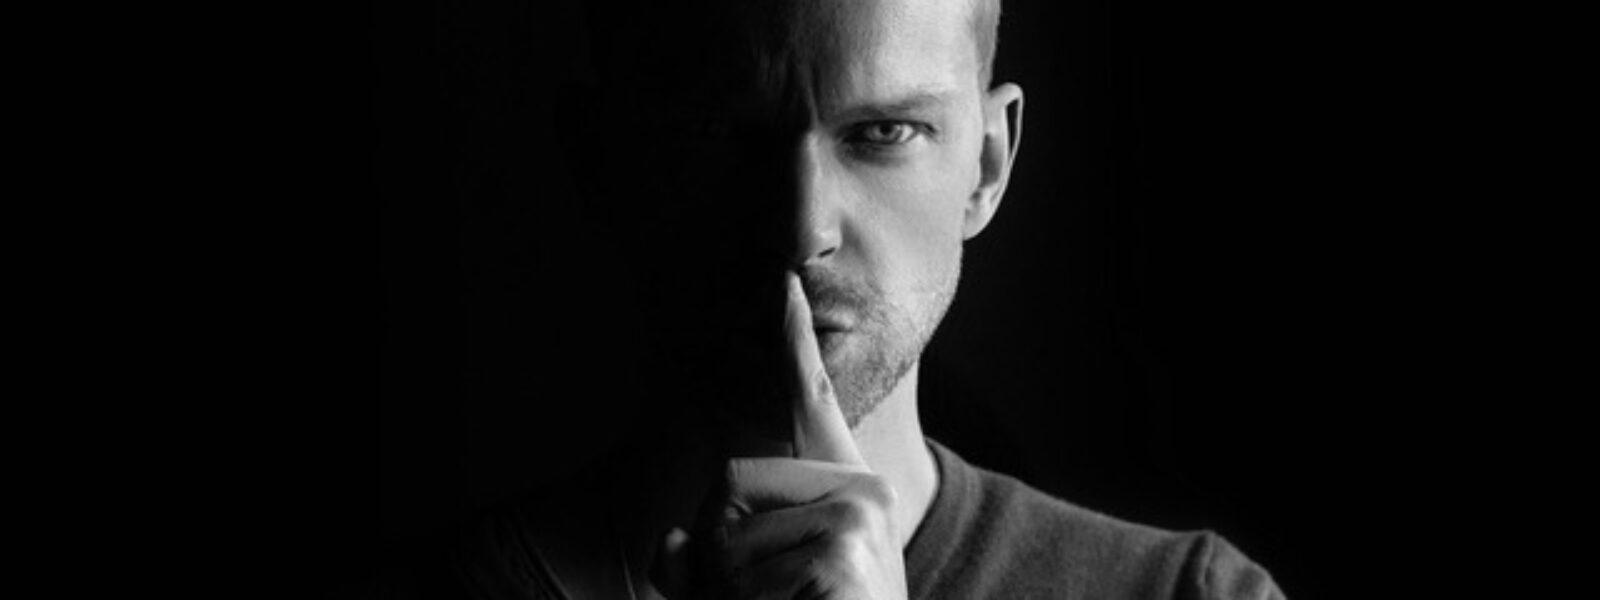 Silencio…me abro a la escucha